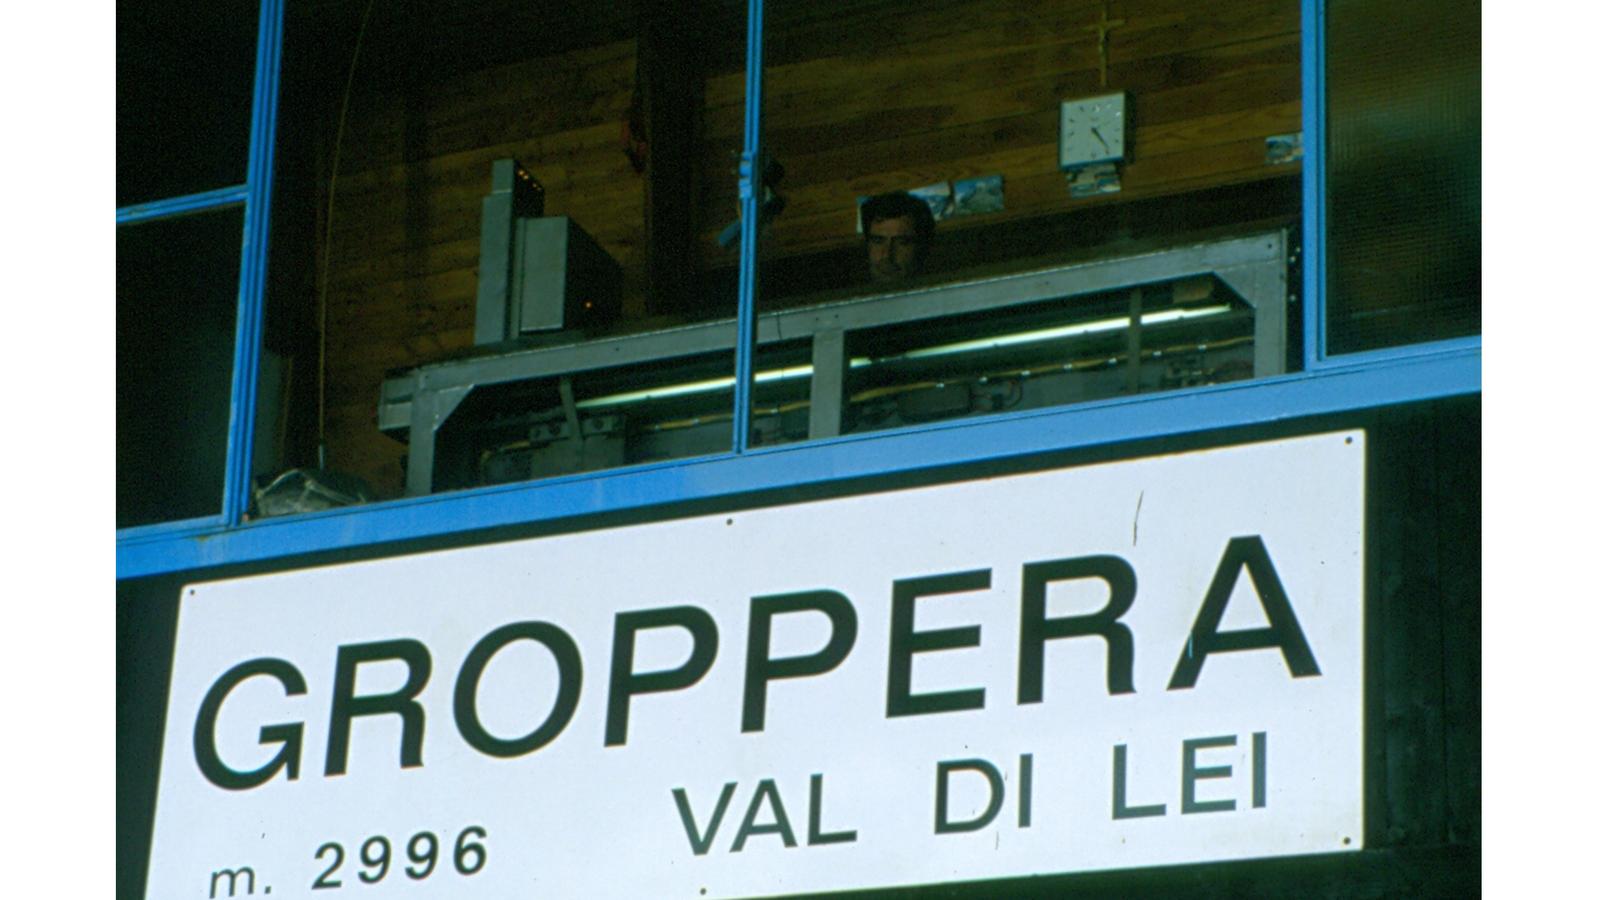 Studio Cernobbio, Pizzo Groppera (© zVg)